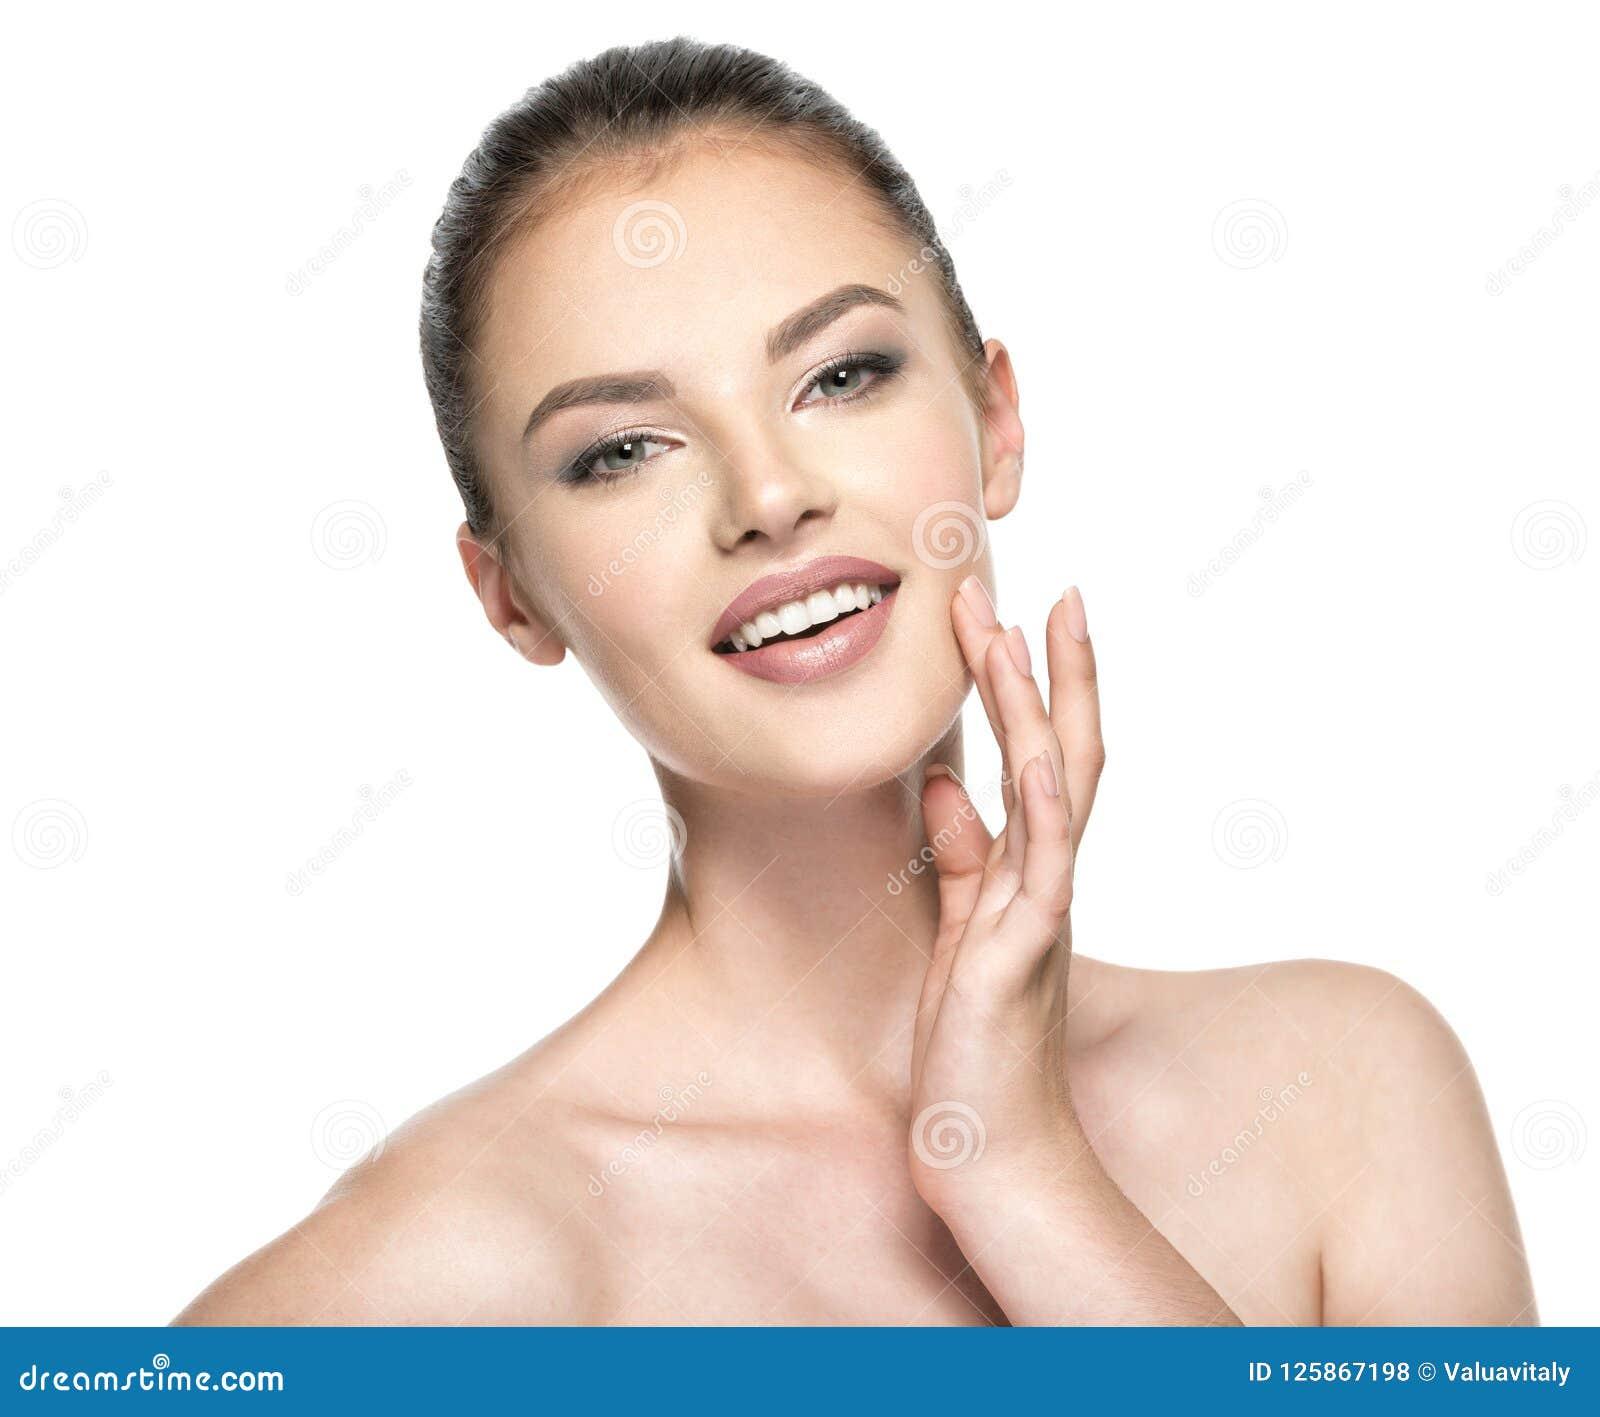 La mujer hermosa cuida para la cara de la piel - aislada en blanco